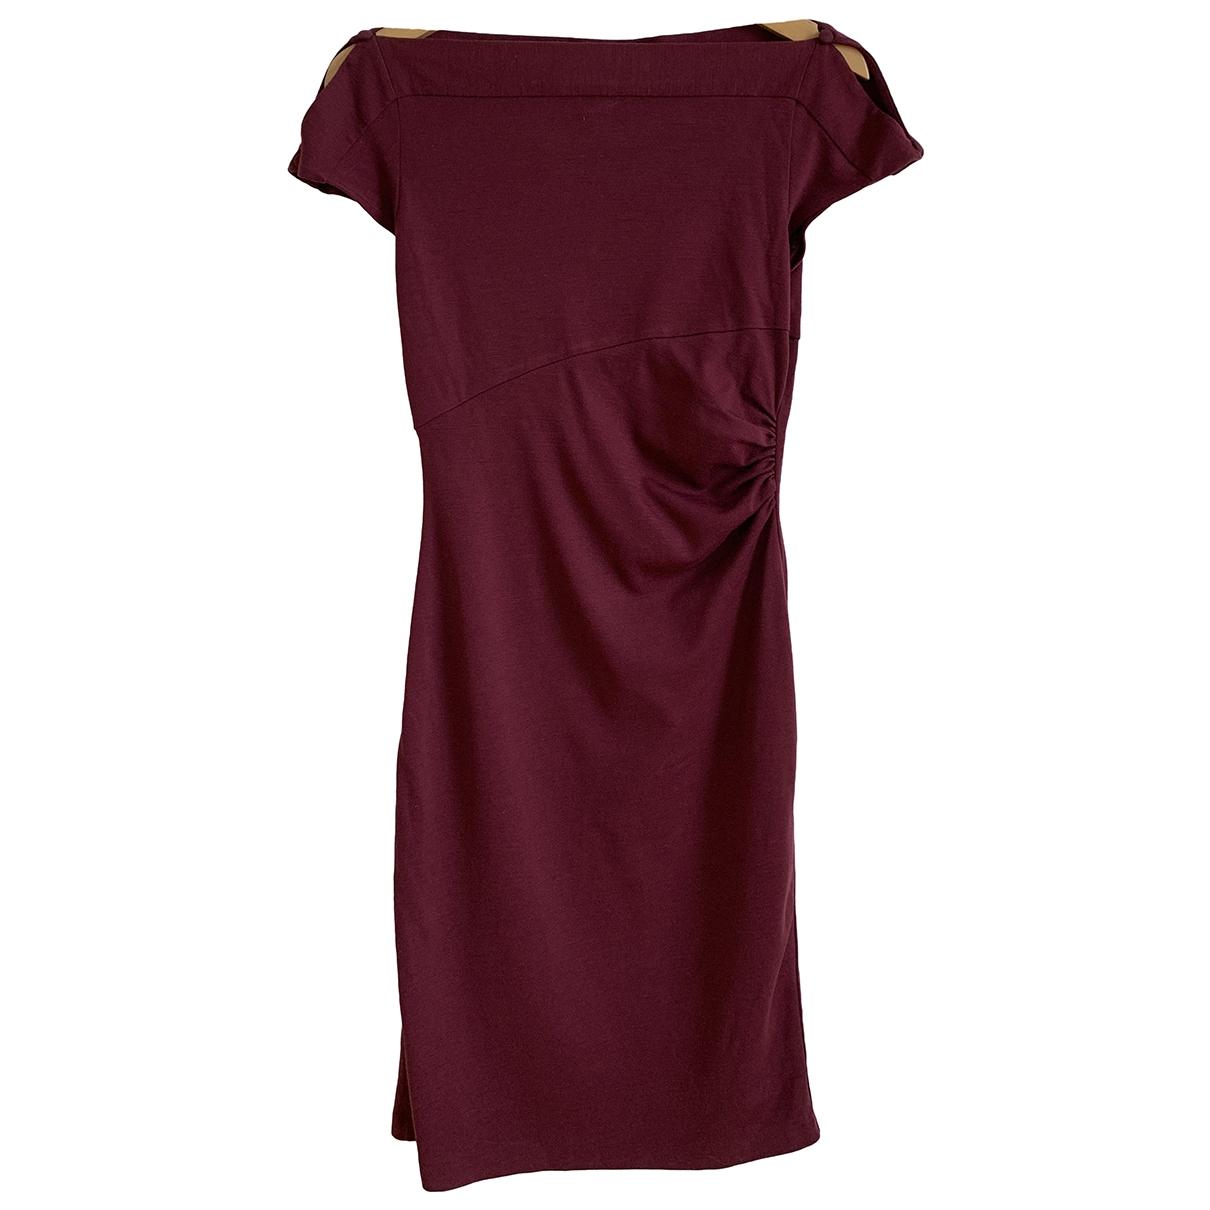 Diane Von Furstenberg \N Kleid in  Bordeauxrot Wolle